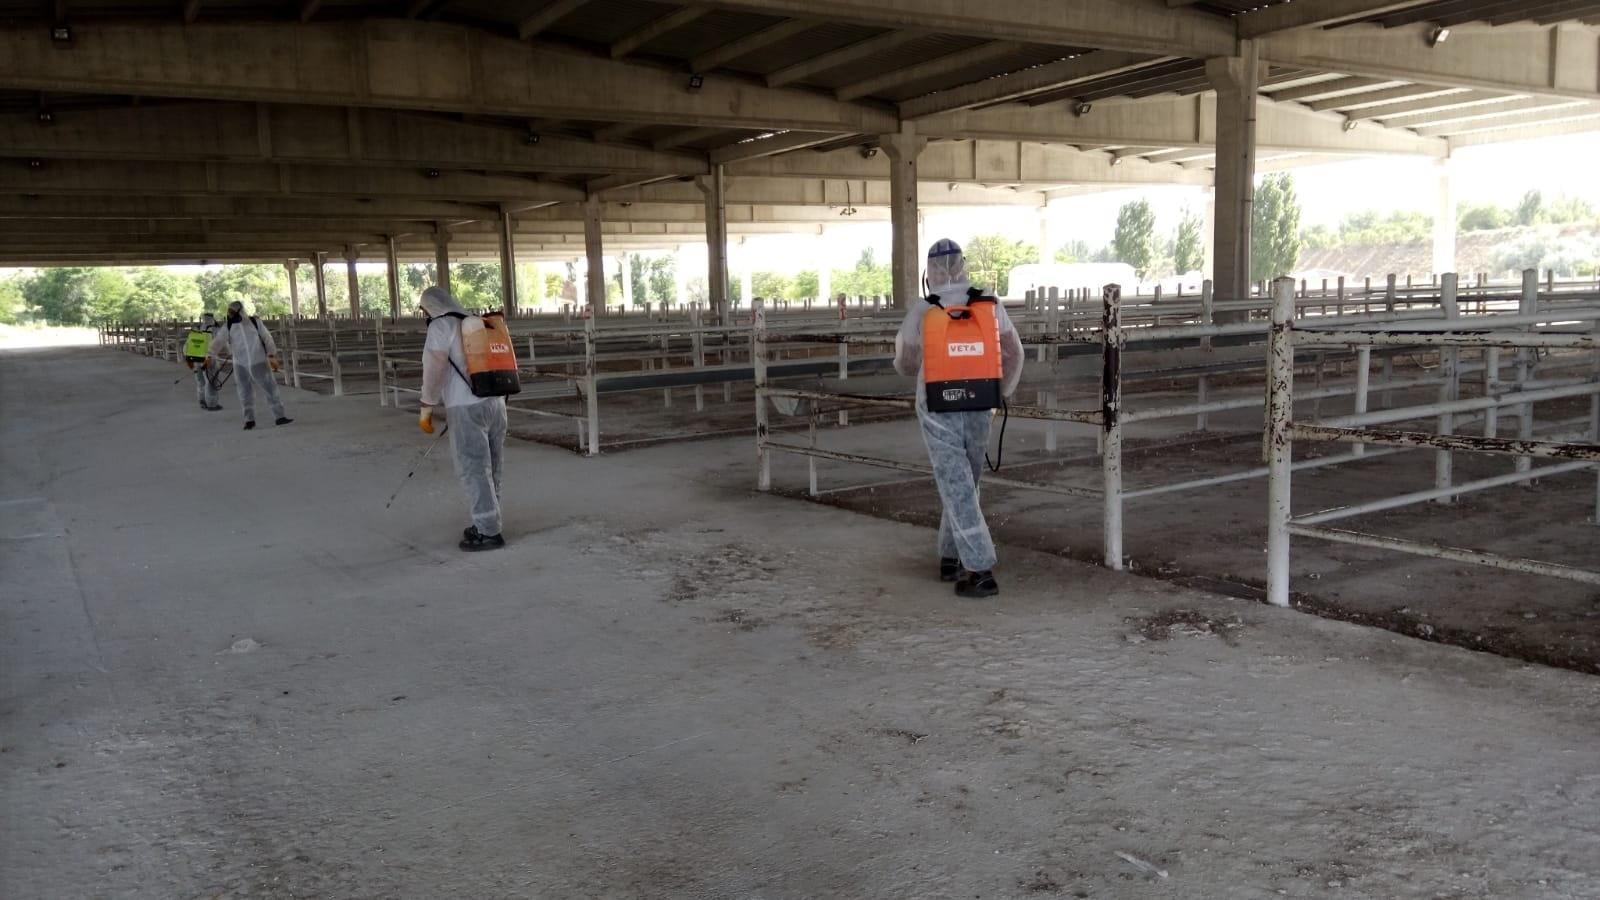 Kırıkkalede hayvan pazarı yeniden açılıyor - Kırıkkale'de hayvan pazarı yeniden açılıyor